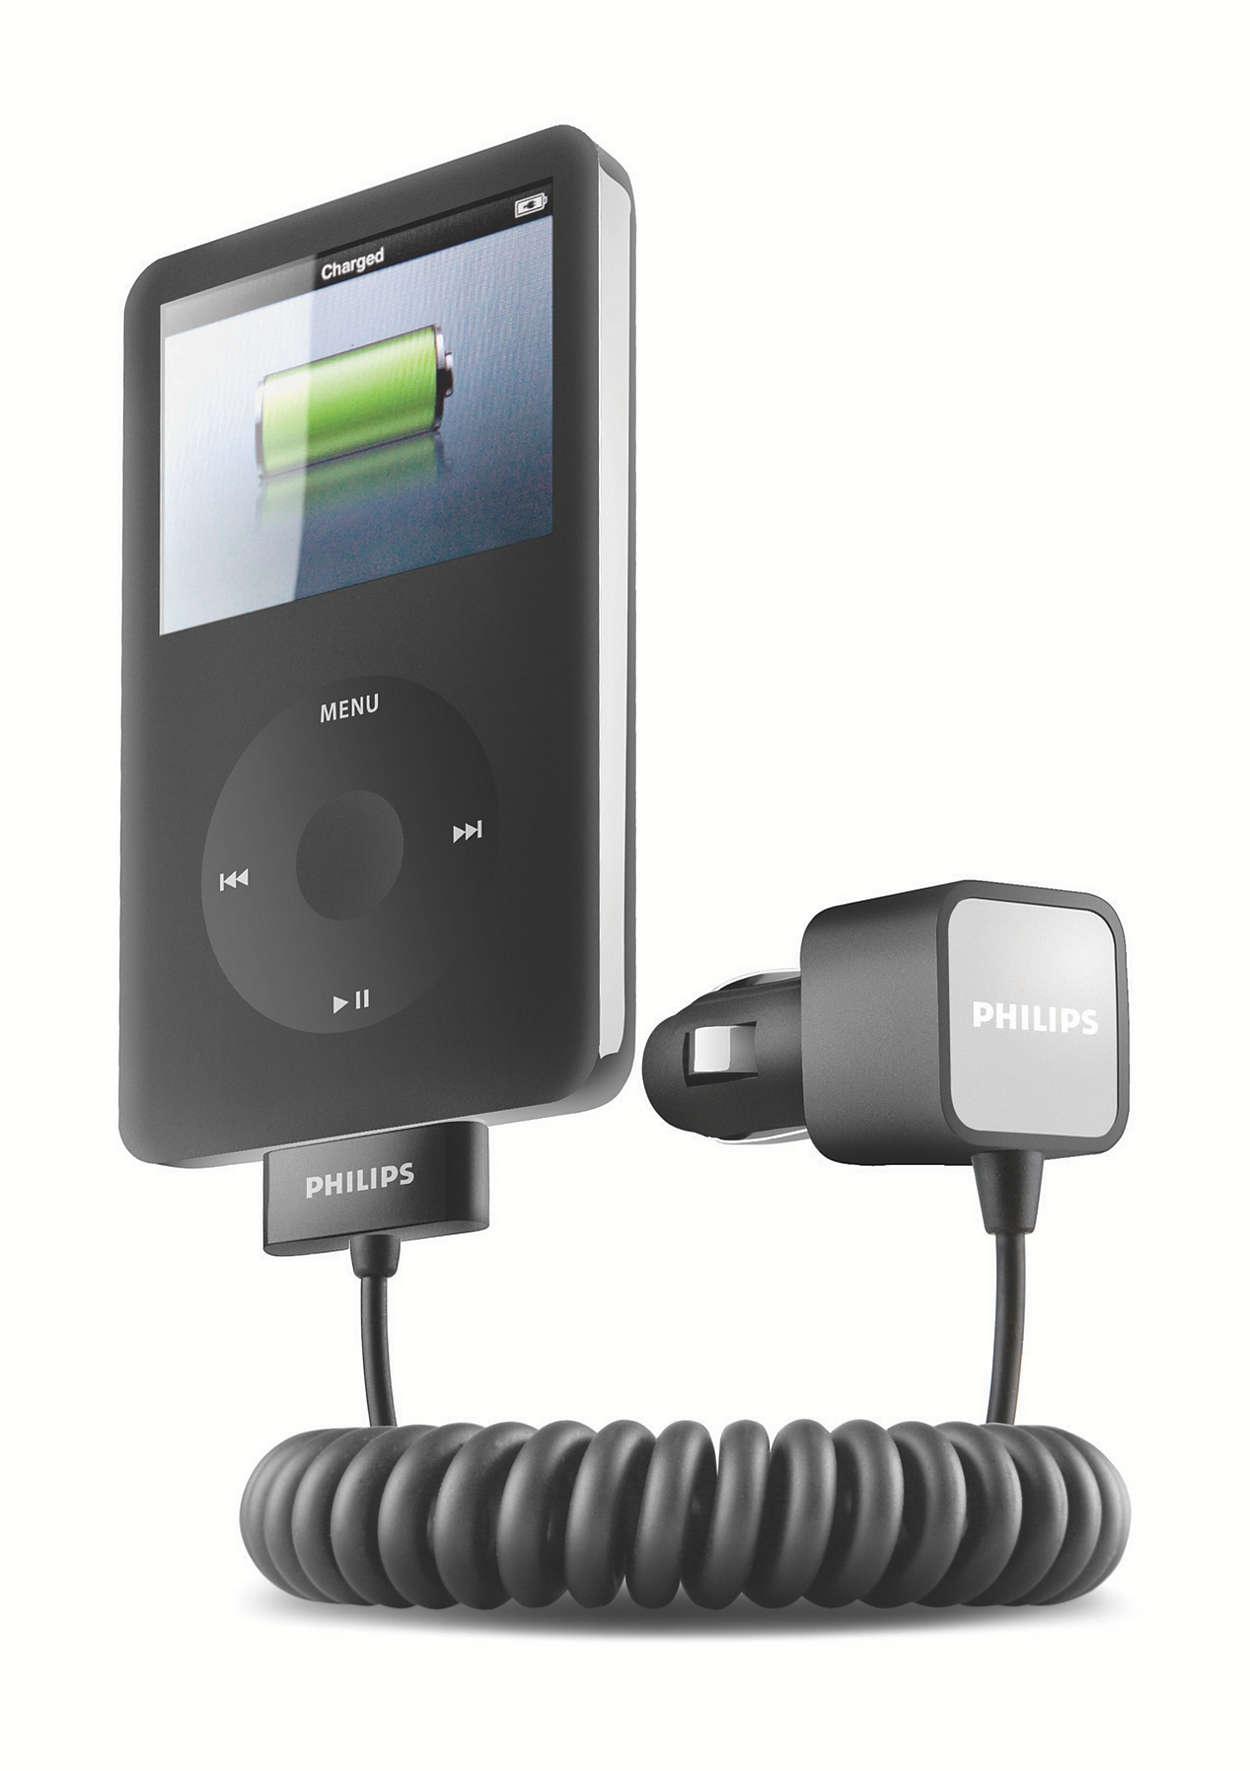 Laden Sie Ihren iPod unterwegs